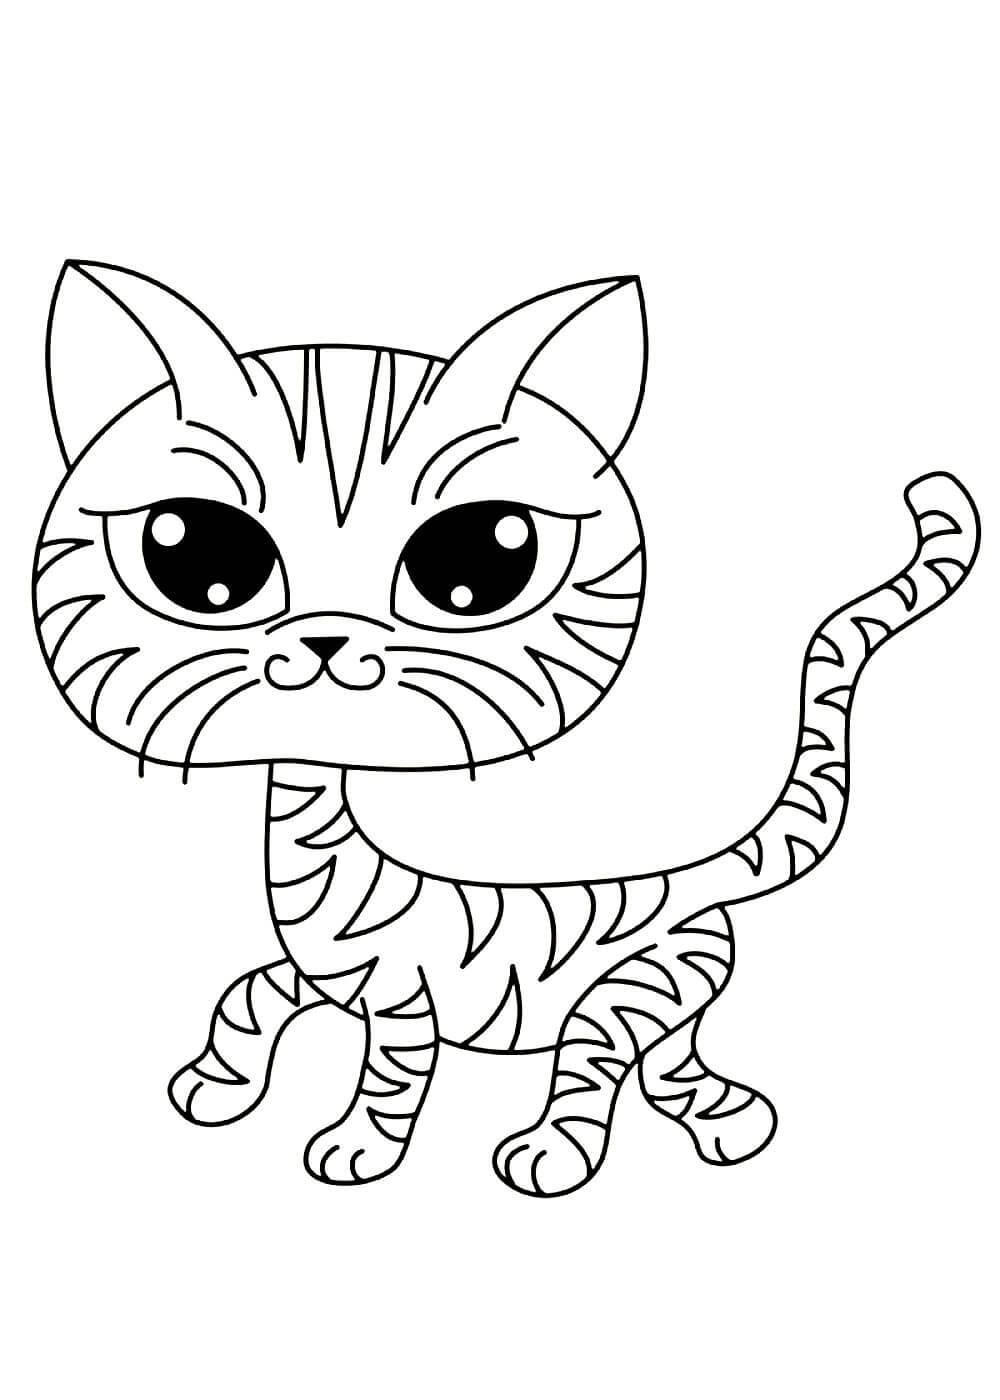 Раскраски Коты и кошки распечатать или скачать бесплатно в ...